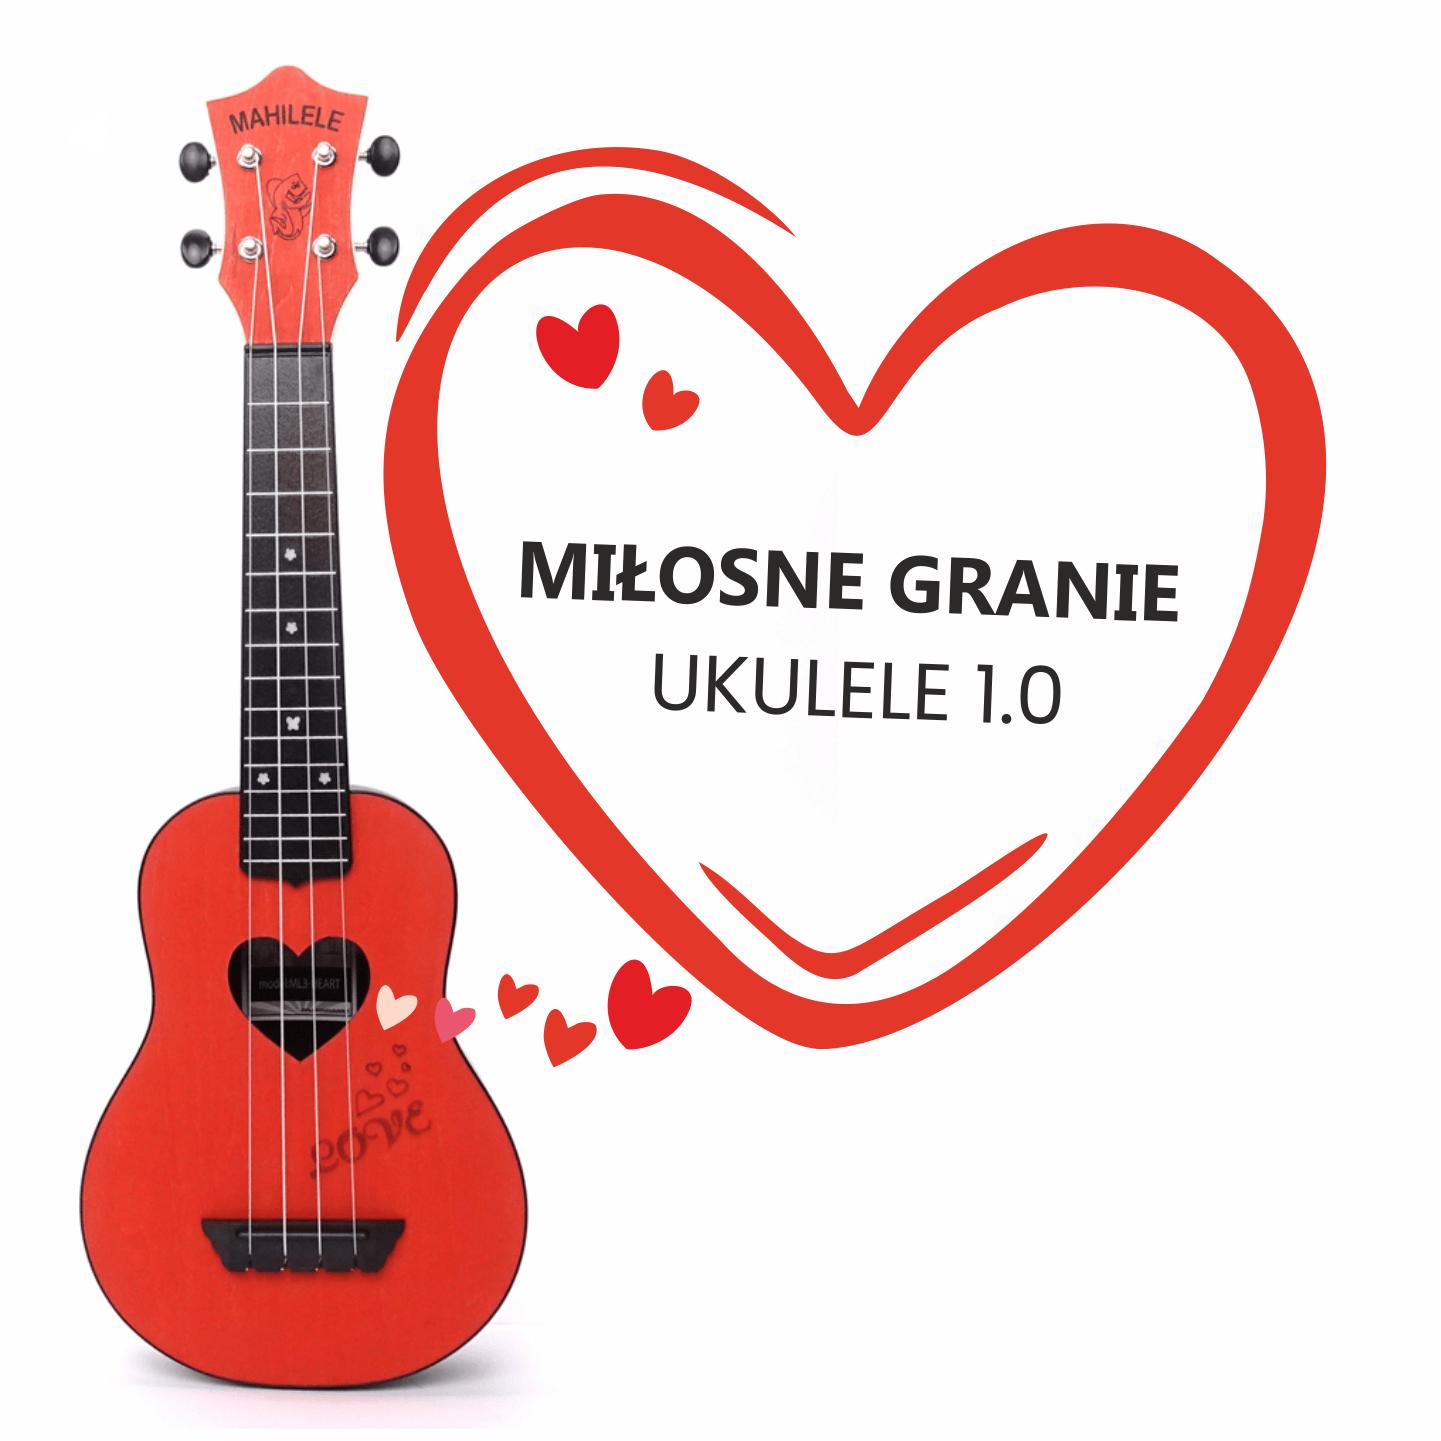 miłosne granie ukulele